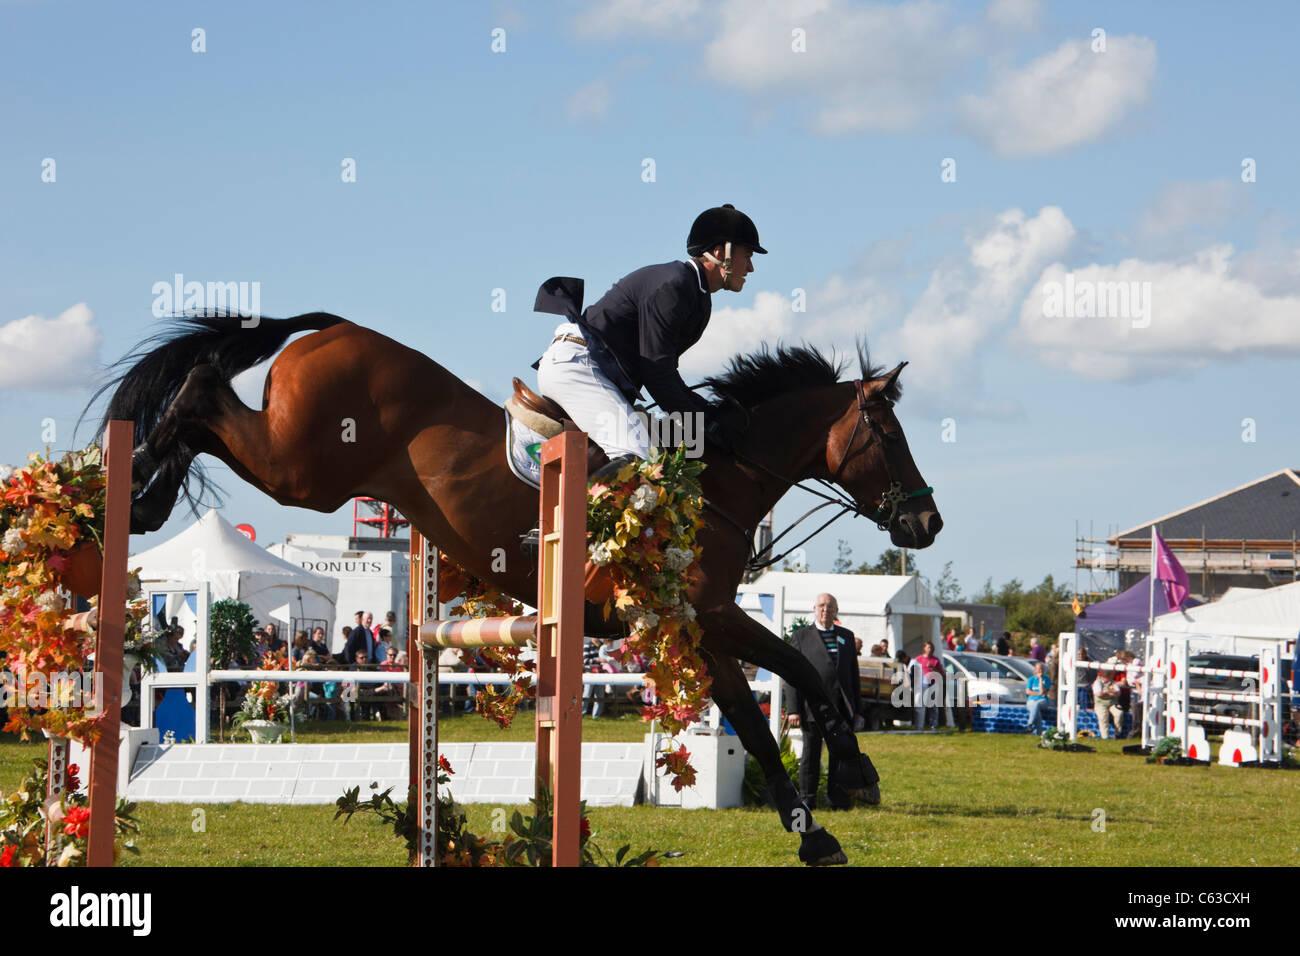 Il nord del Galles, UK. International Show Jumping evento con cavallo e fantino saltando su salti ad Anglesey mostrano Immagini Stock